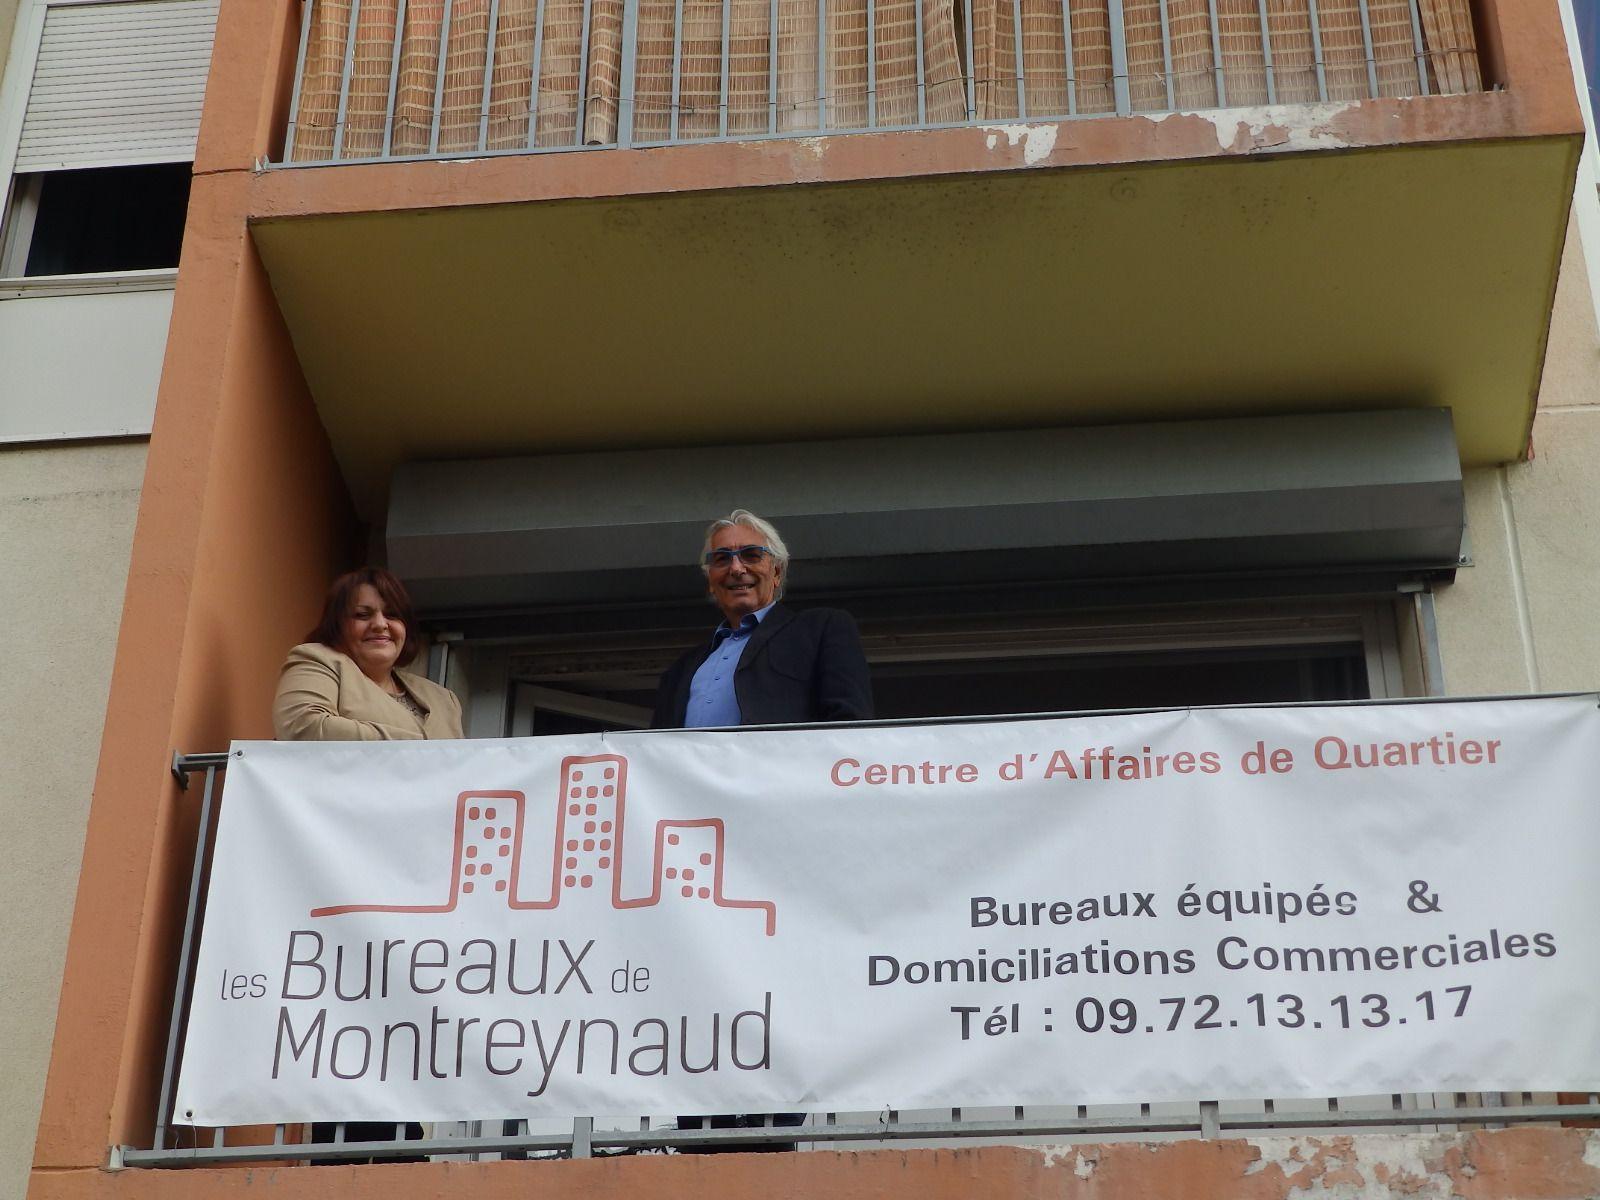 Les Bureaux De Montreynaud Saint Etienne